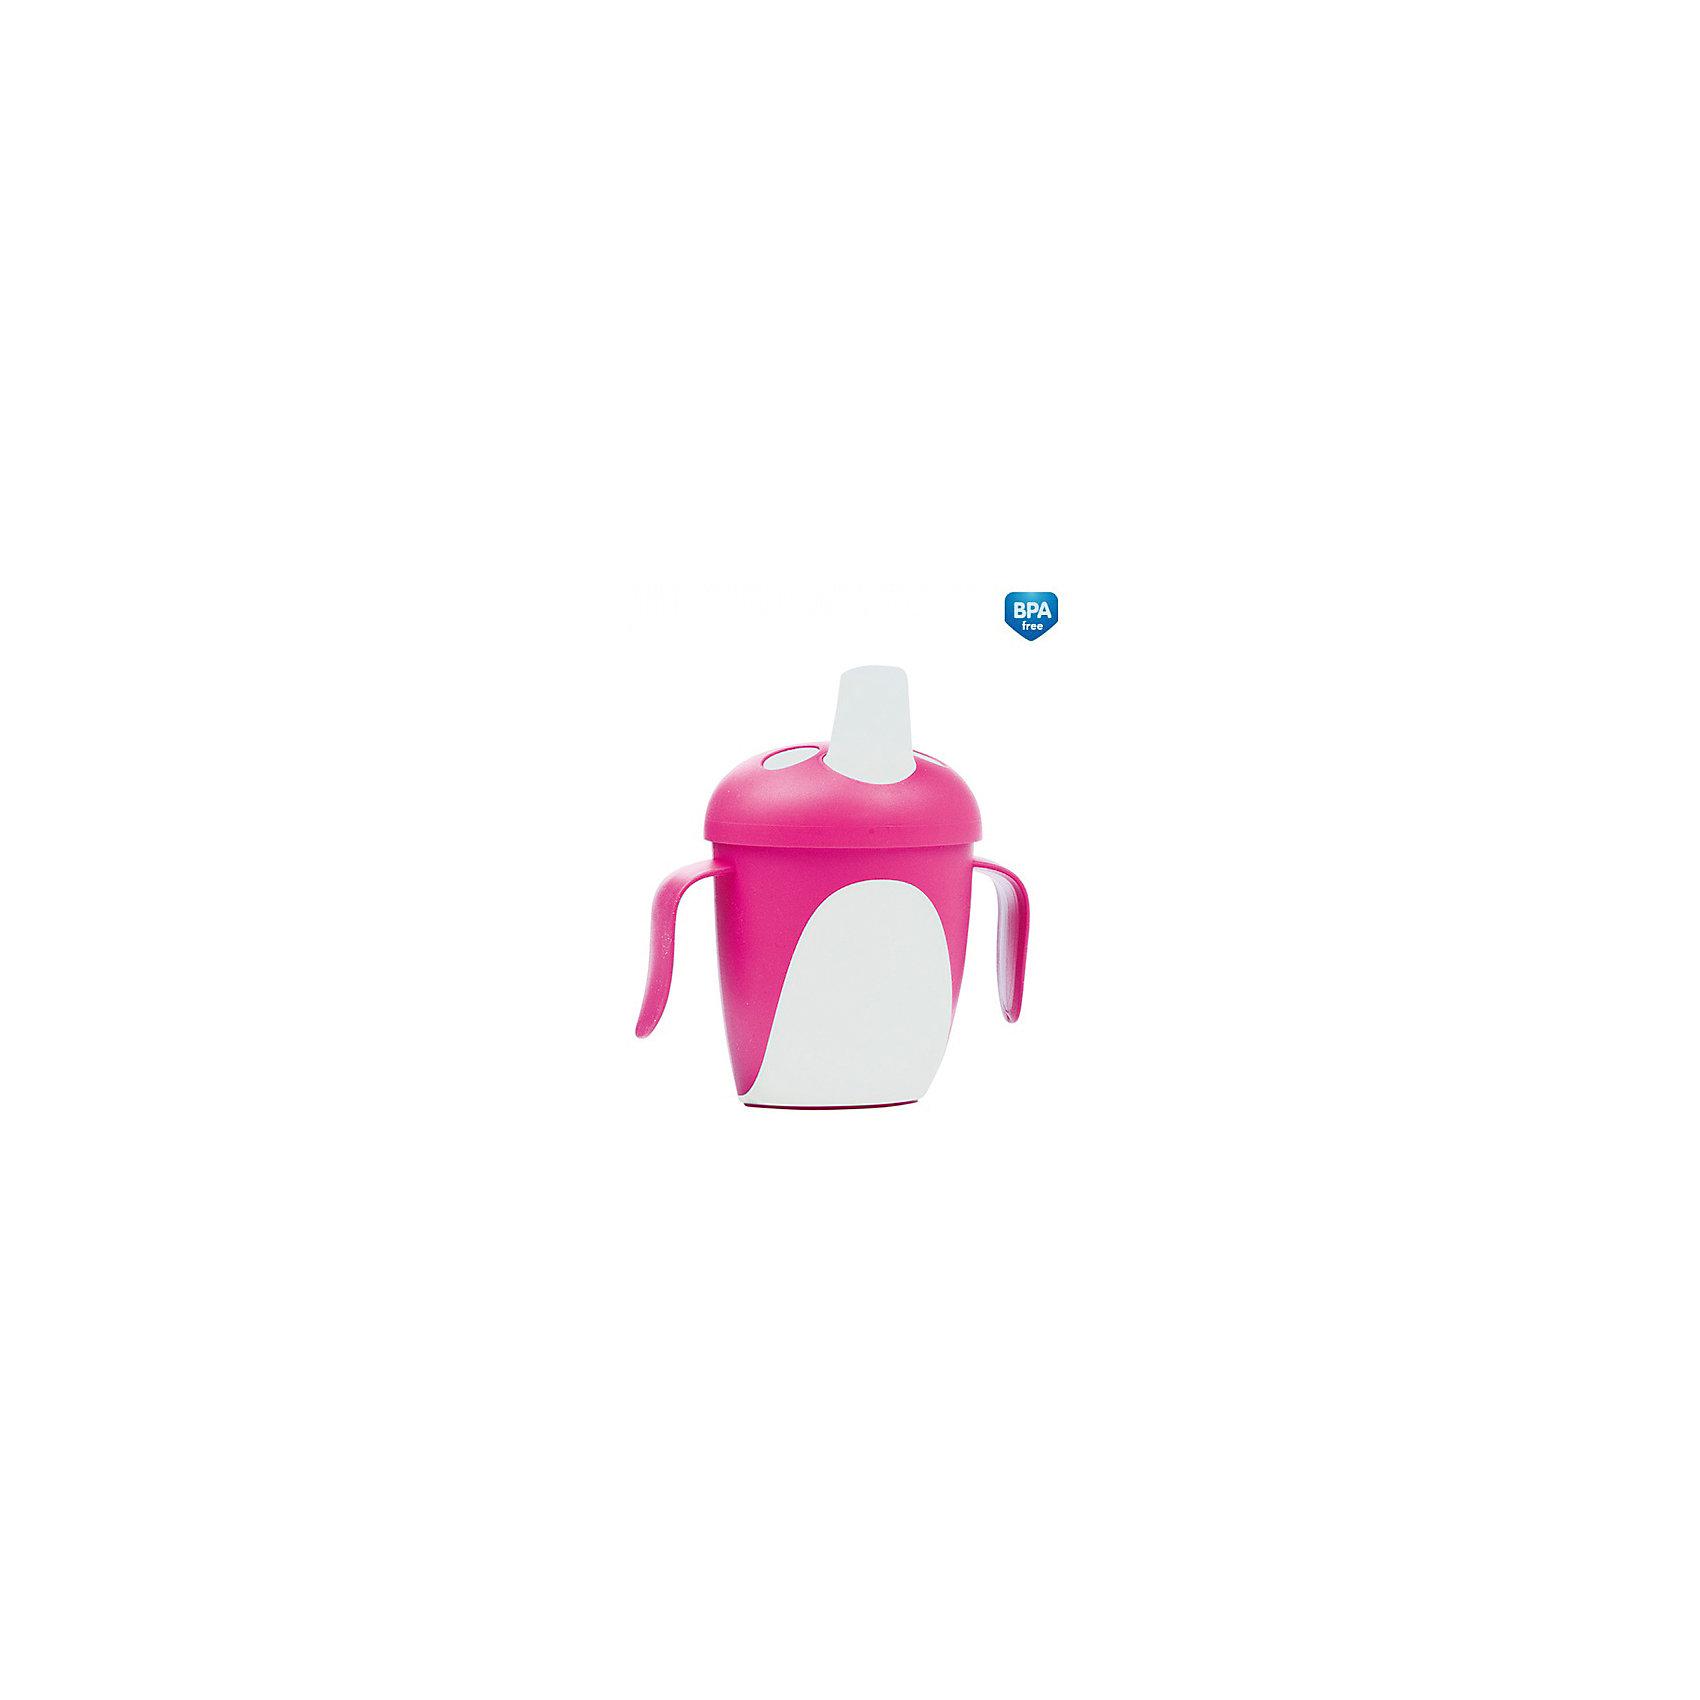 Обучающий поильник Пингвин, 250 мл., Canpol Babies, розовыйОбучающий поильник Пингвин, Canpol Babies (Канпол Бэбис), идеально подойдет для малышей, которые учатся пить из чашки. Удобные прорезиненные ручки позволяют ребенку легко держать поильник. Герметичная крышка оснащена специальным носиком для питья, который не раздражает десны малыша и помогает ему комфортно перейти от кормления из бутылочки к питью из чашки. Благодаря уникальному непроливающему клапану, малыш может спокойно пить самостоятельно, не боясь пролить жидкость. Яркий дизайн в форме забавного пингвина непременно привлечет внимание ребенка. Кружка изготовлена из безопасных, нетоксичных материалов, не содержит Бисфенол-А.<br><br>Дополнительная информация:<br><br>- Цвет: розовый.<br>- Материал: полипропилен/поликарбонат.<br>- Возраст: от 9 мес.<br>- Объем: 250 мл.<br>- Размер: 8,2 х 11,7 х 17 см.<br>- Вес: 101 гр.<br><br>Обучающий поильник Пингвин, 250 мл., Canpol Babies (Канпол Бэбис), розовый, можно купить в нашем интернет-магазине.<br><br>Ширина мм: 82<br>Глубина мм: 117<br>Высота мм: 170<br>Вес г: 101<br>Цвет: розовый<br>Возраст от месяцев: 12<br>Возраст до месяцев: 24<br>Пол: Женский<br>Возраст: Детский<br>SKU: 4341869